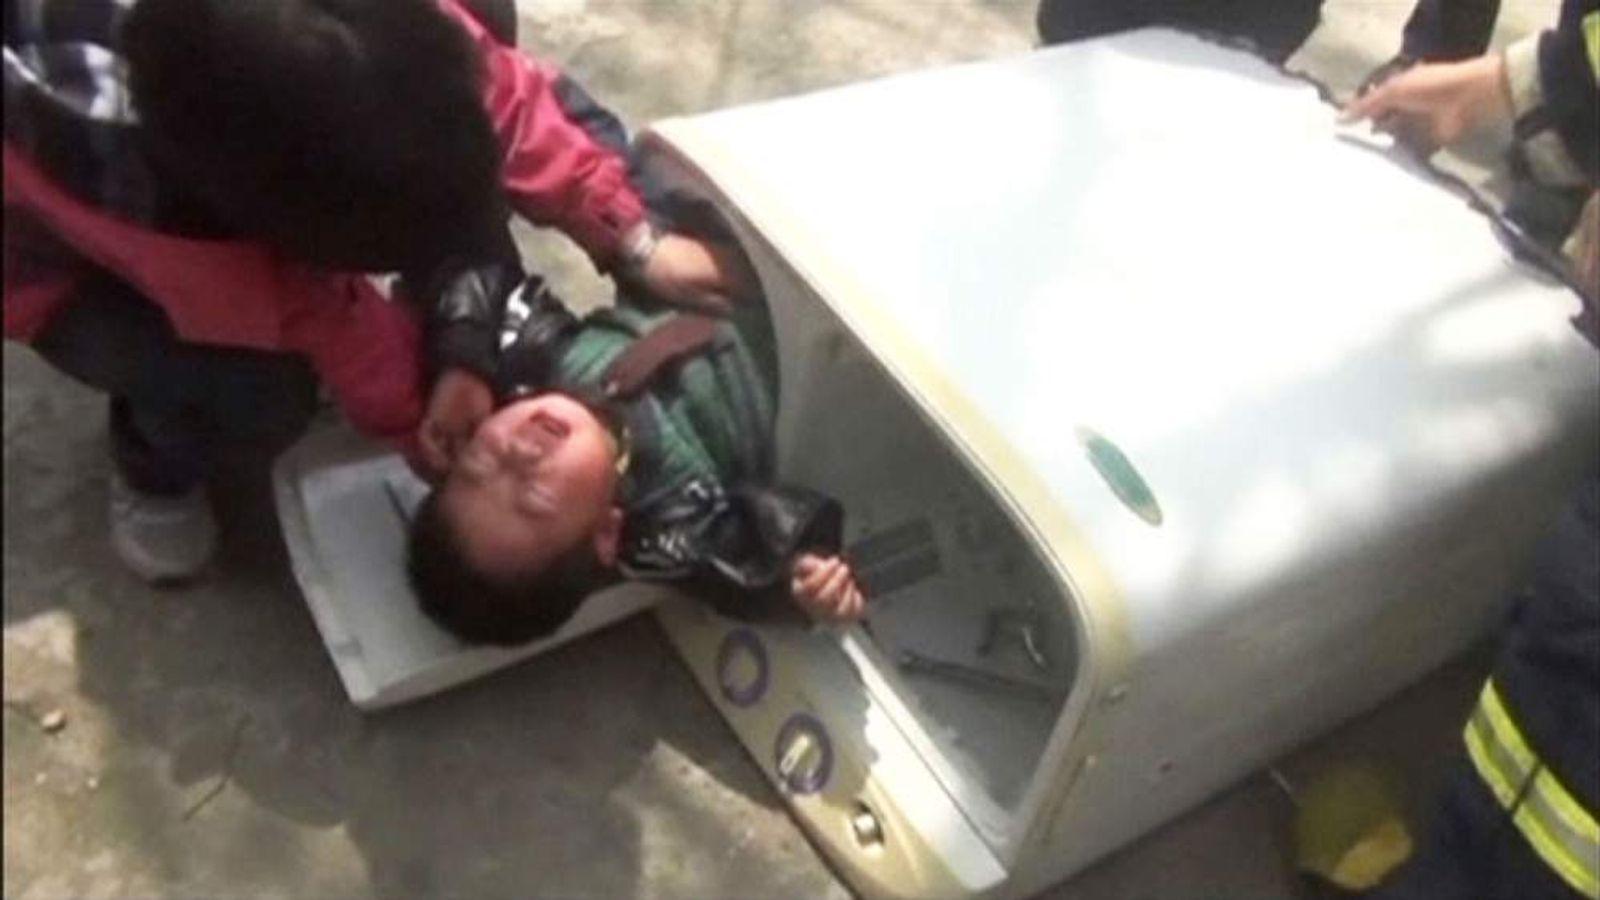 Boy got stuck in washing machine in China's Jiangsu Province